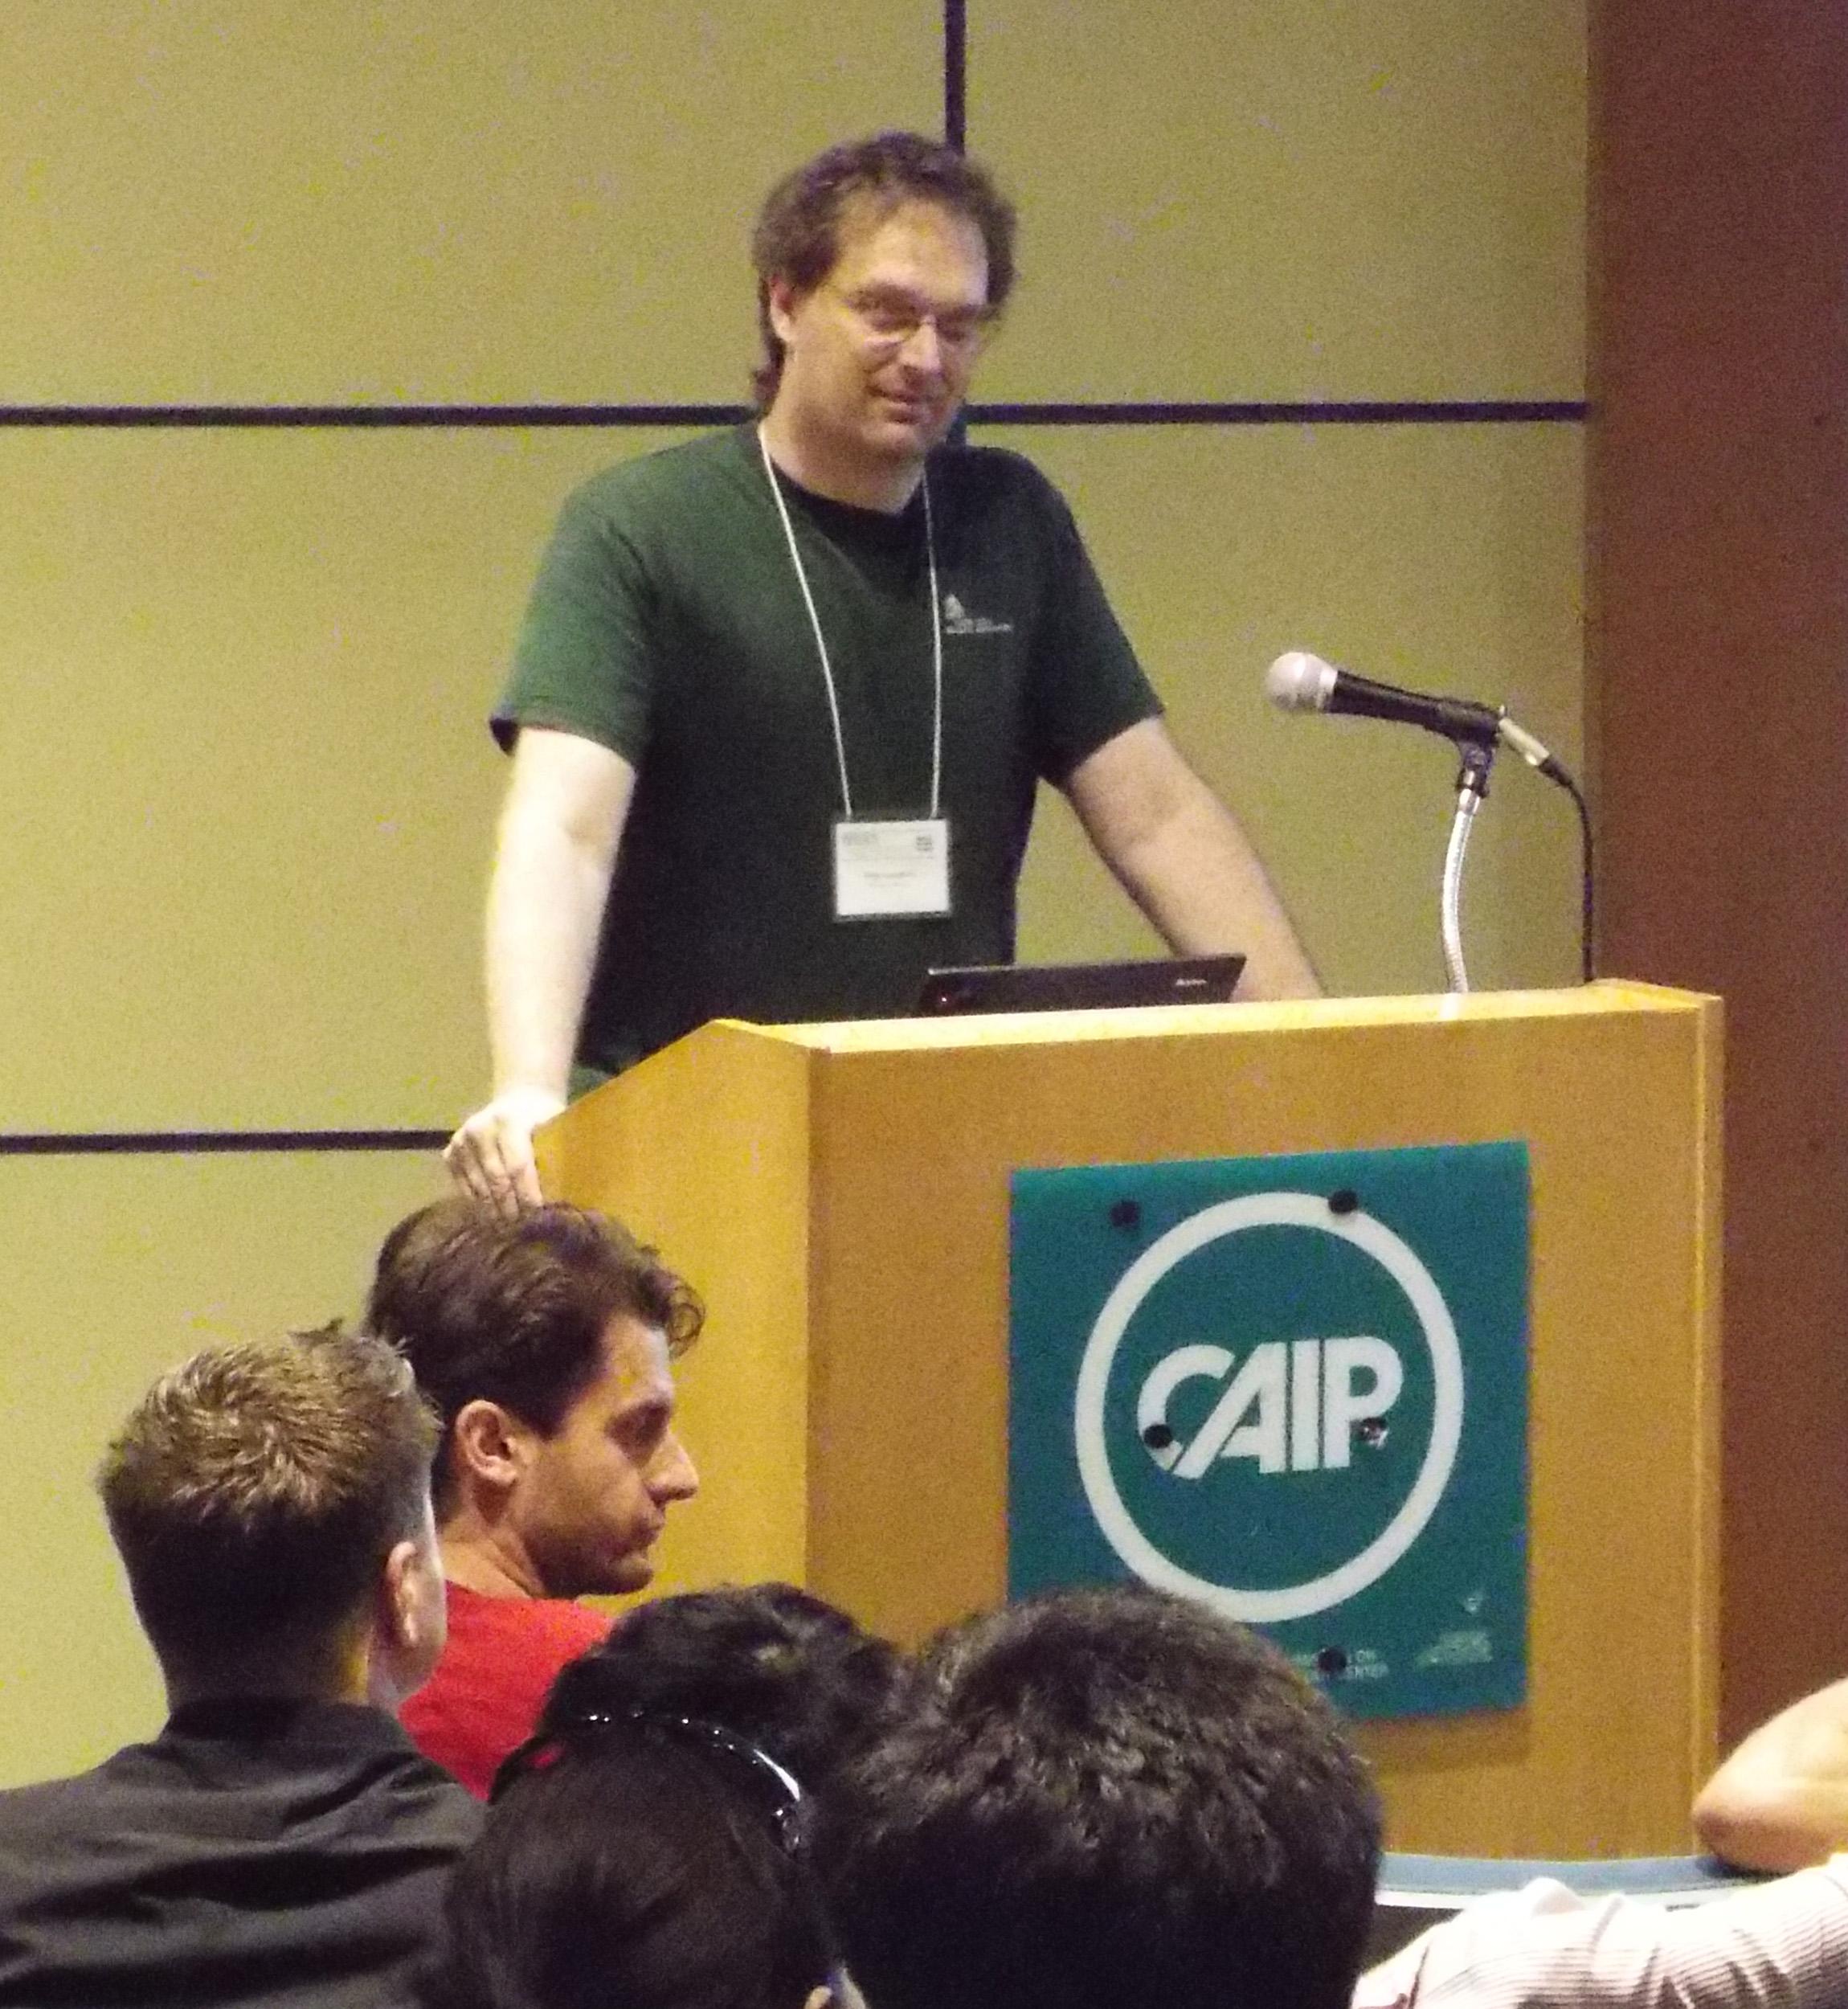 John Langford speaks at the Sublinear Algorithms workshop